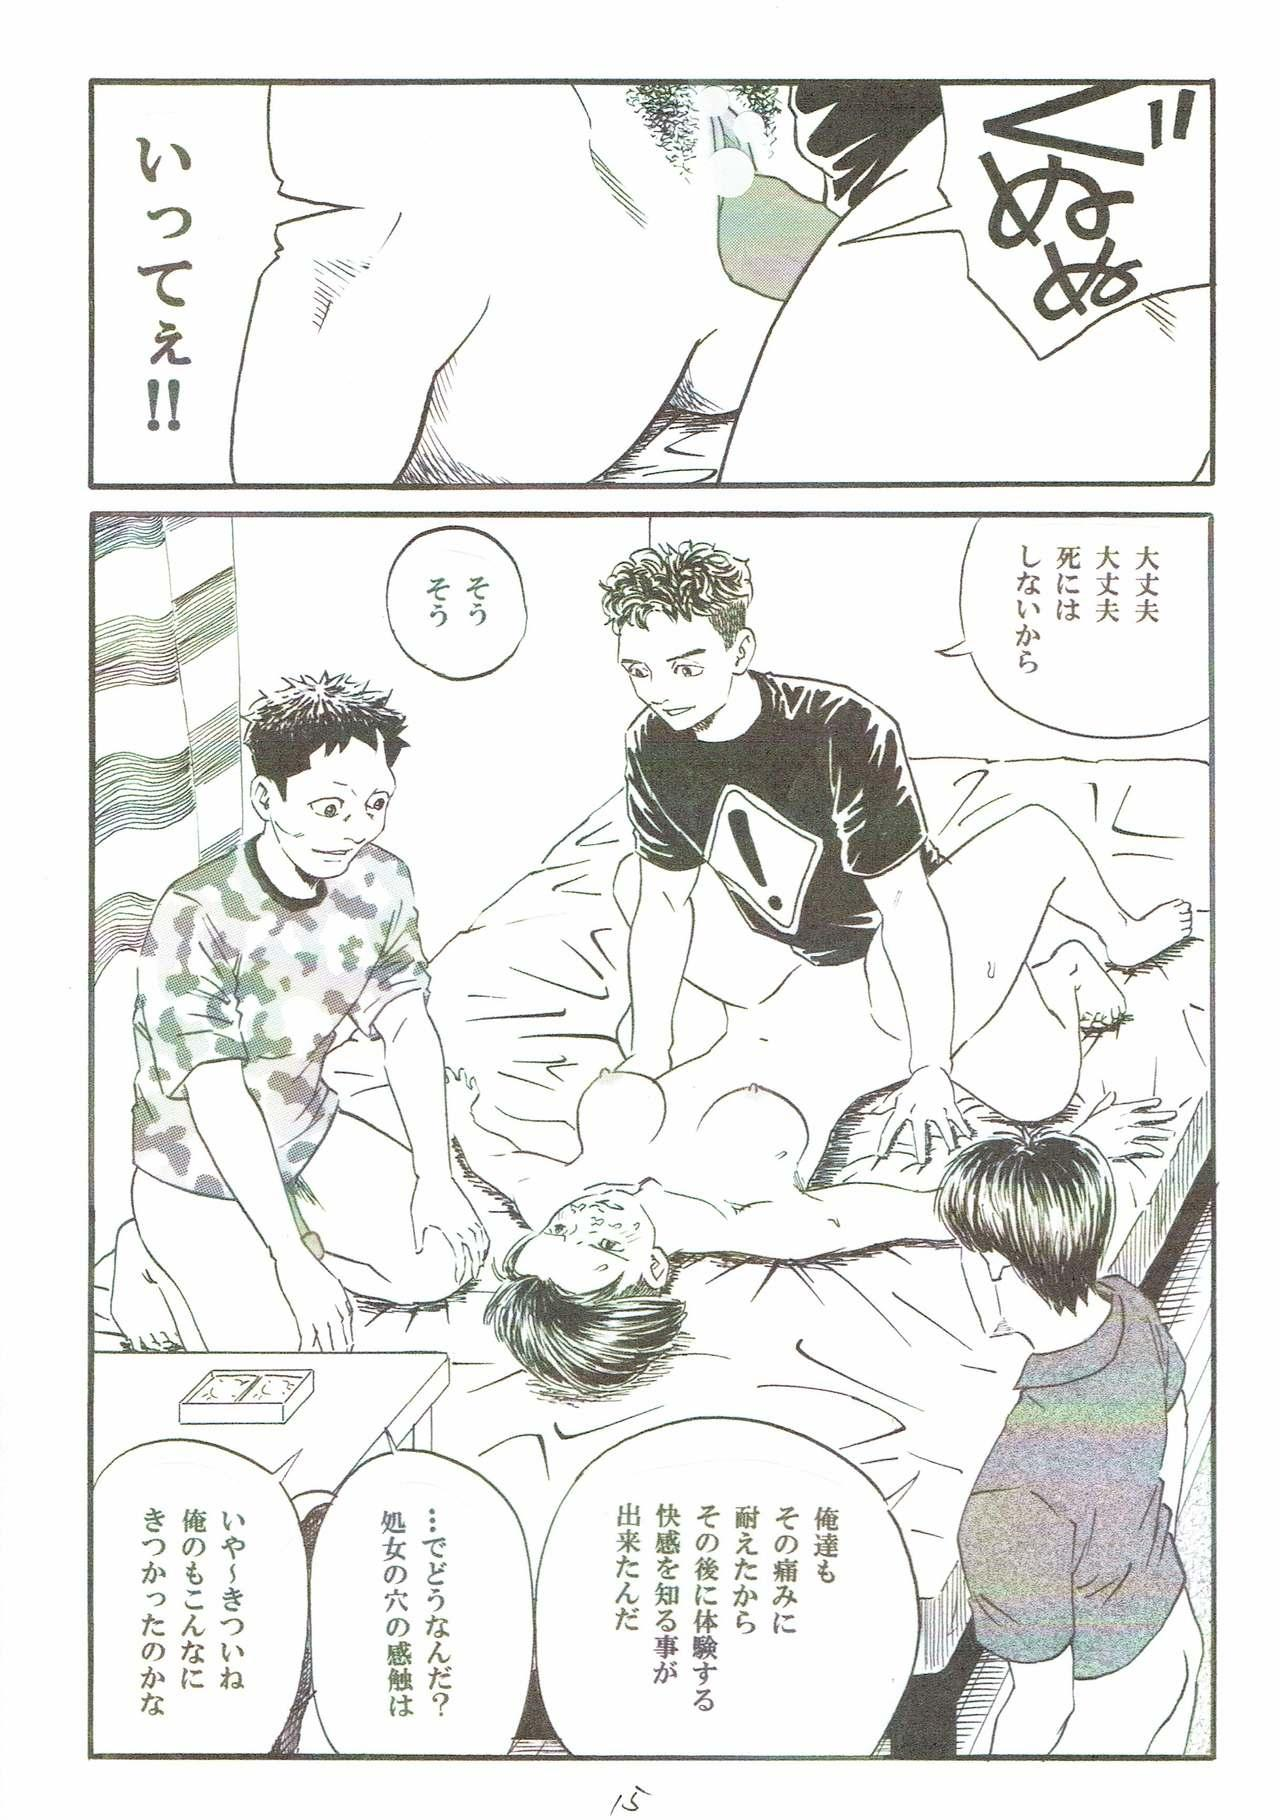 Atarashii Seikyouiku5 15